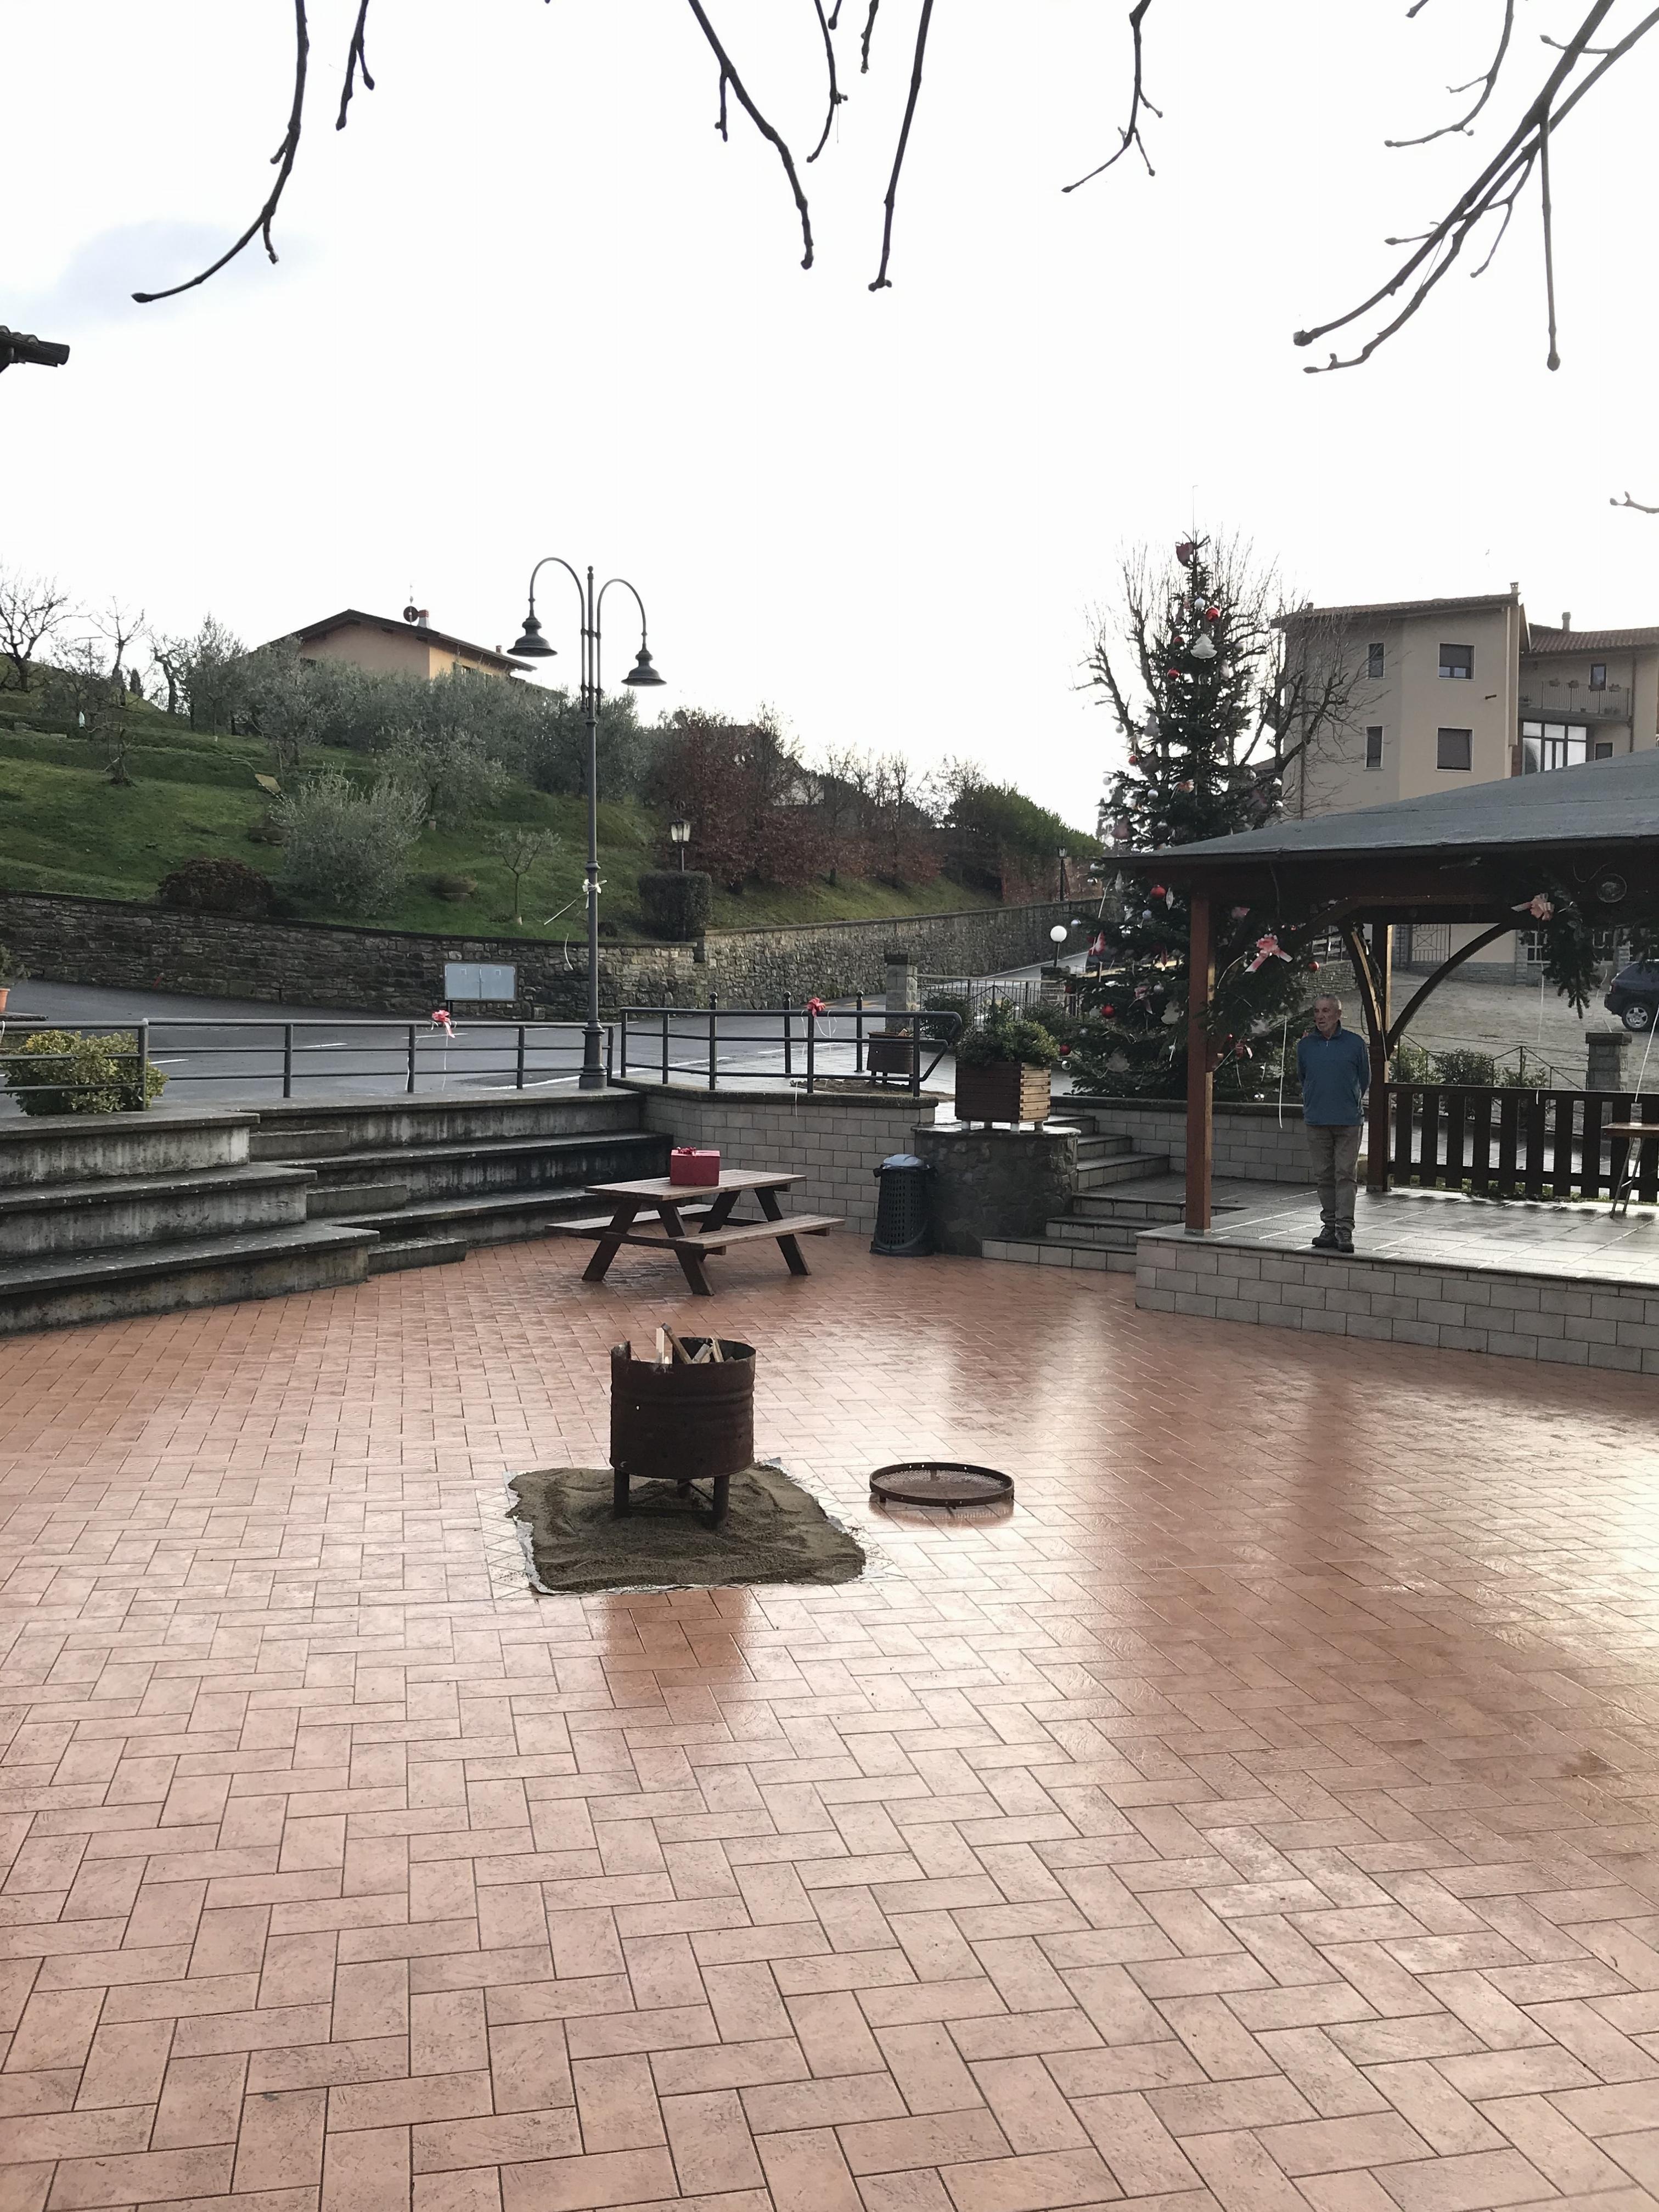 Piazza addobbata a Natale 4